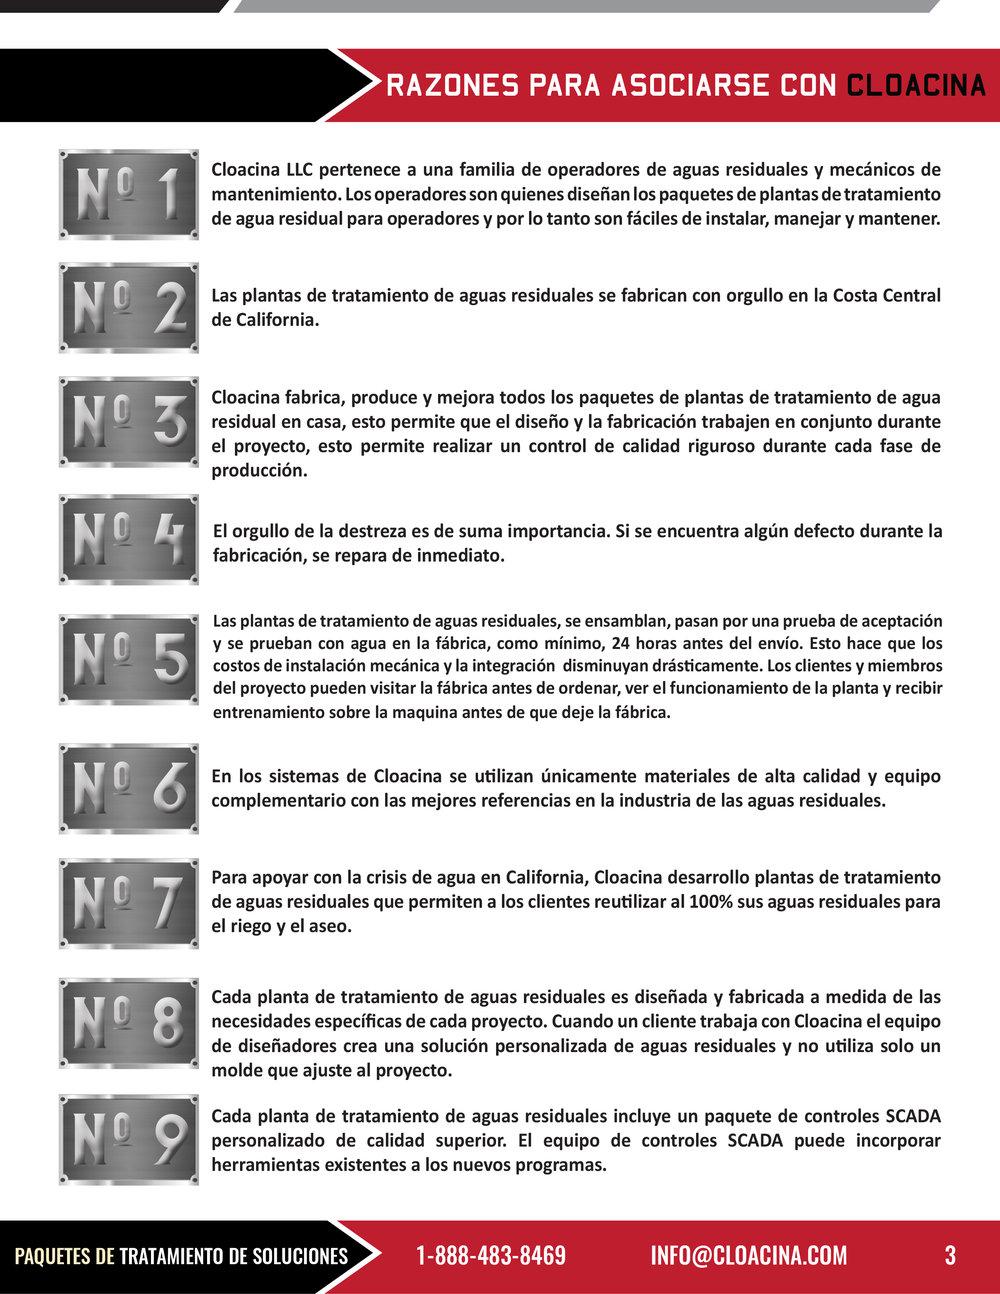 MEMPAC-I-Spanish copy-4.jpg